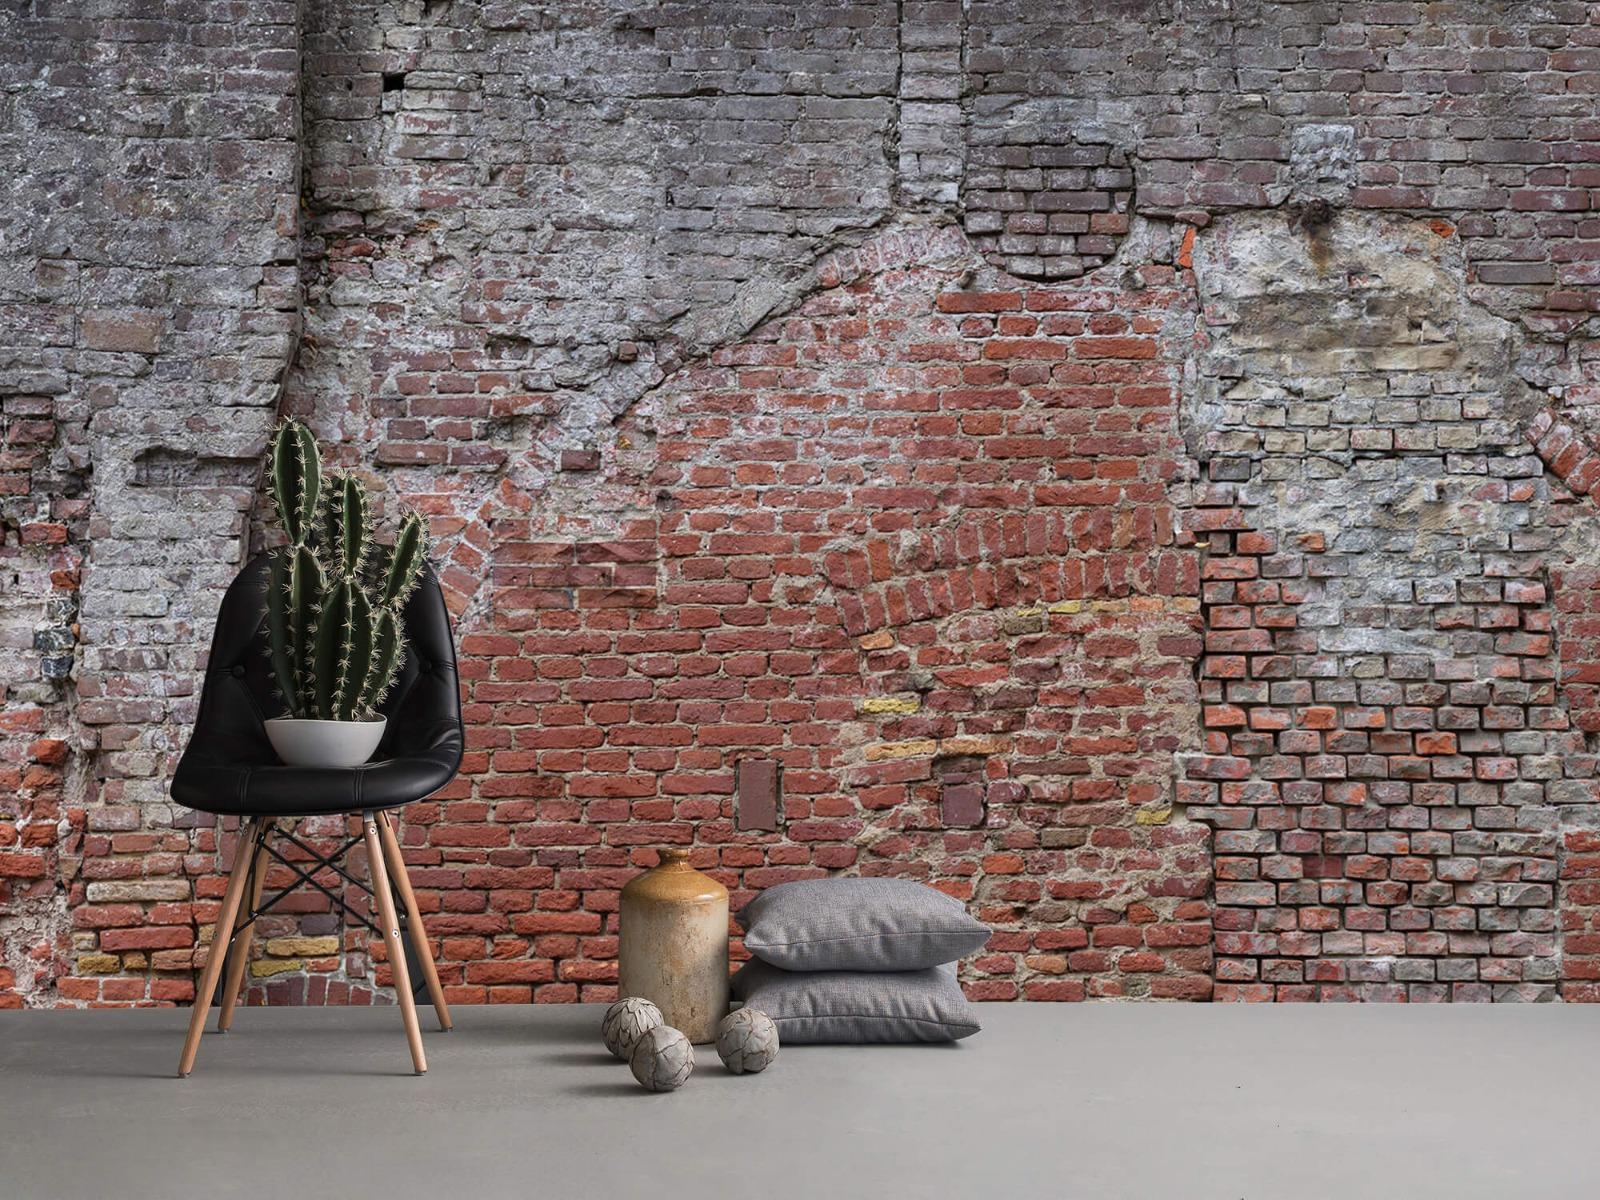 Steen behang - Oude herstelde stadsmuur - Tienerkamer 13